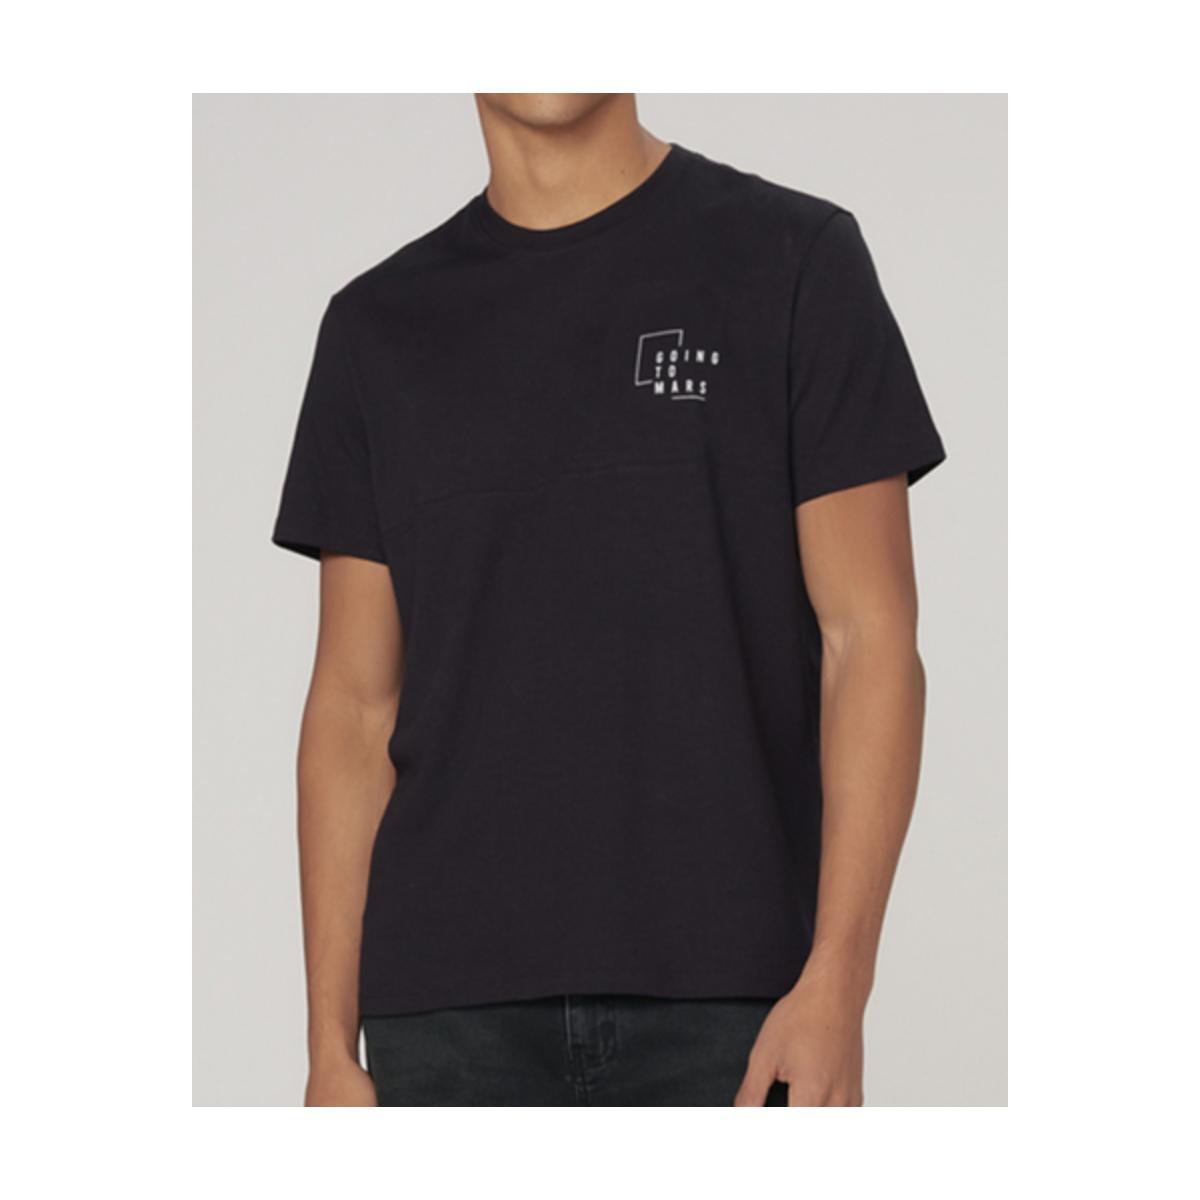 Camiseta Masculina Dzarm 6raz N10en Preto